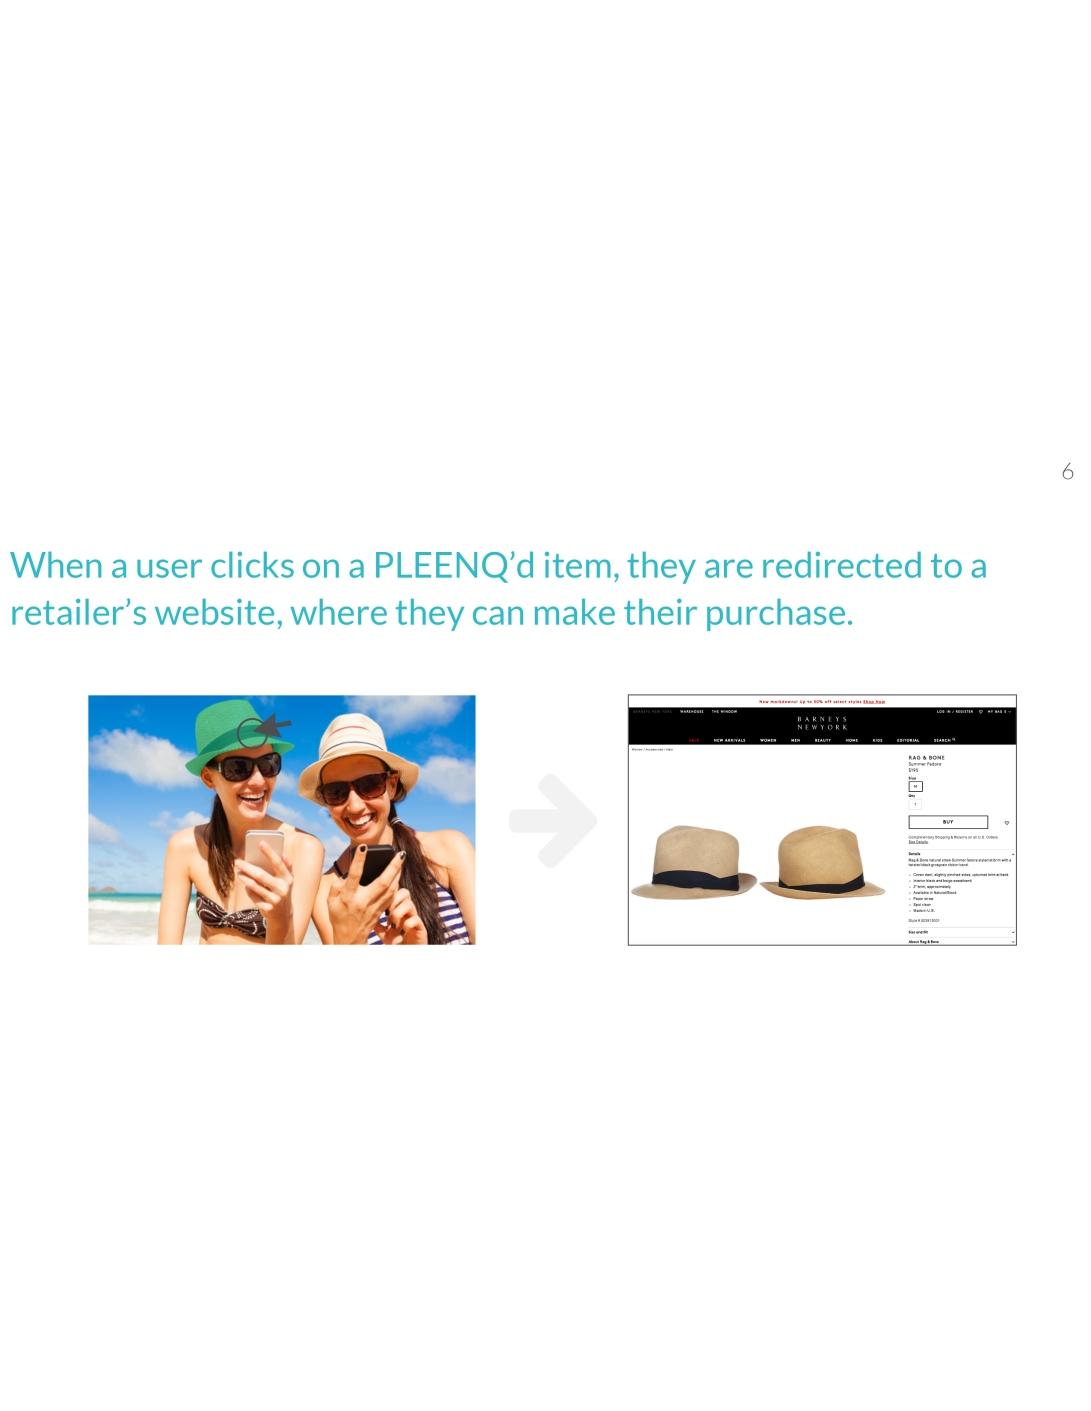 PLEENQ, LLC Media Kit 2015 - Copy-8